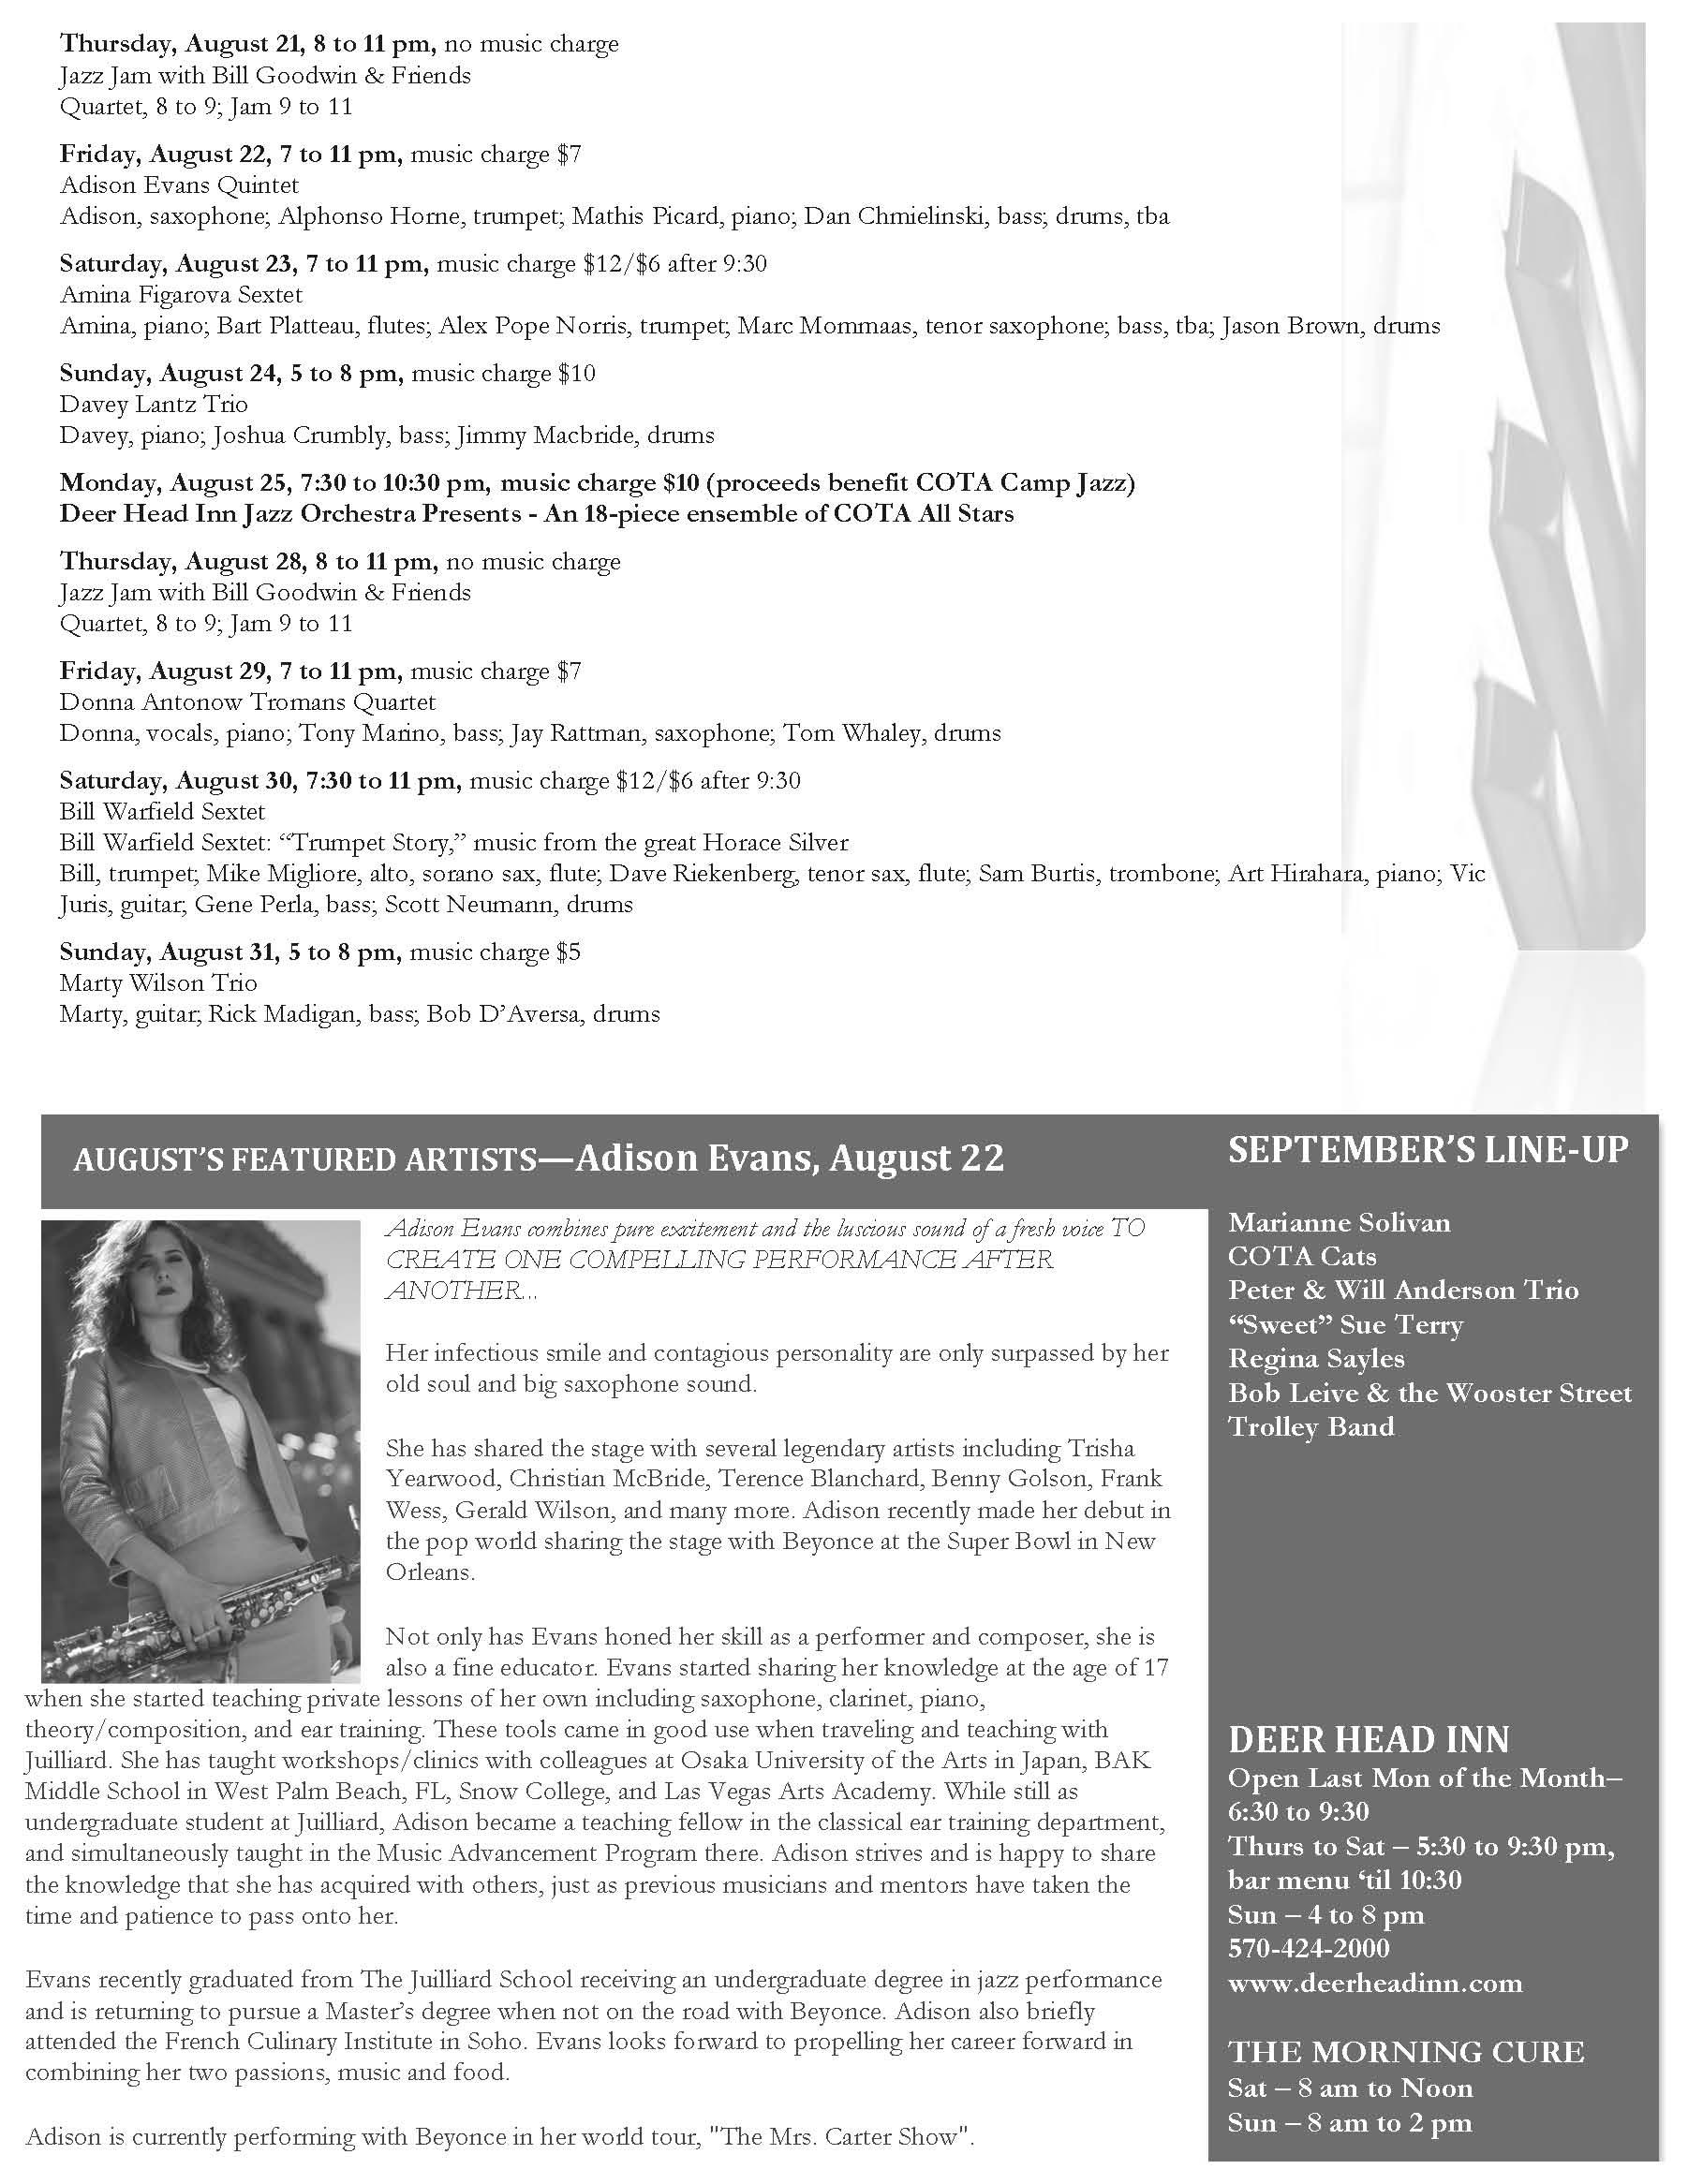 DeerHeadInnAug2014_web_Page_2